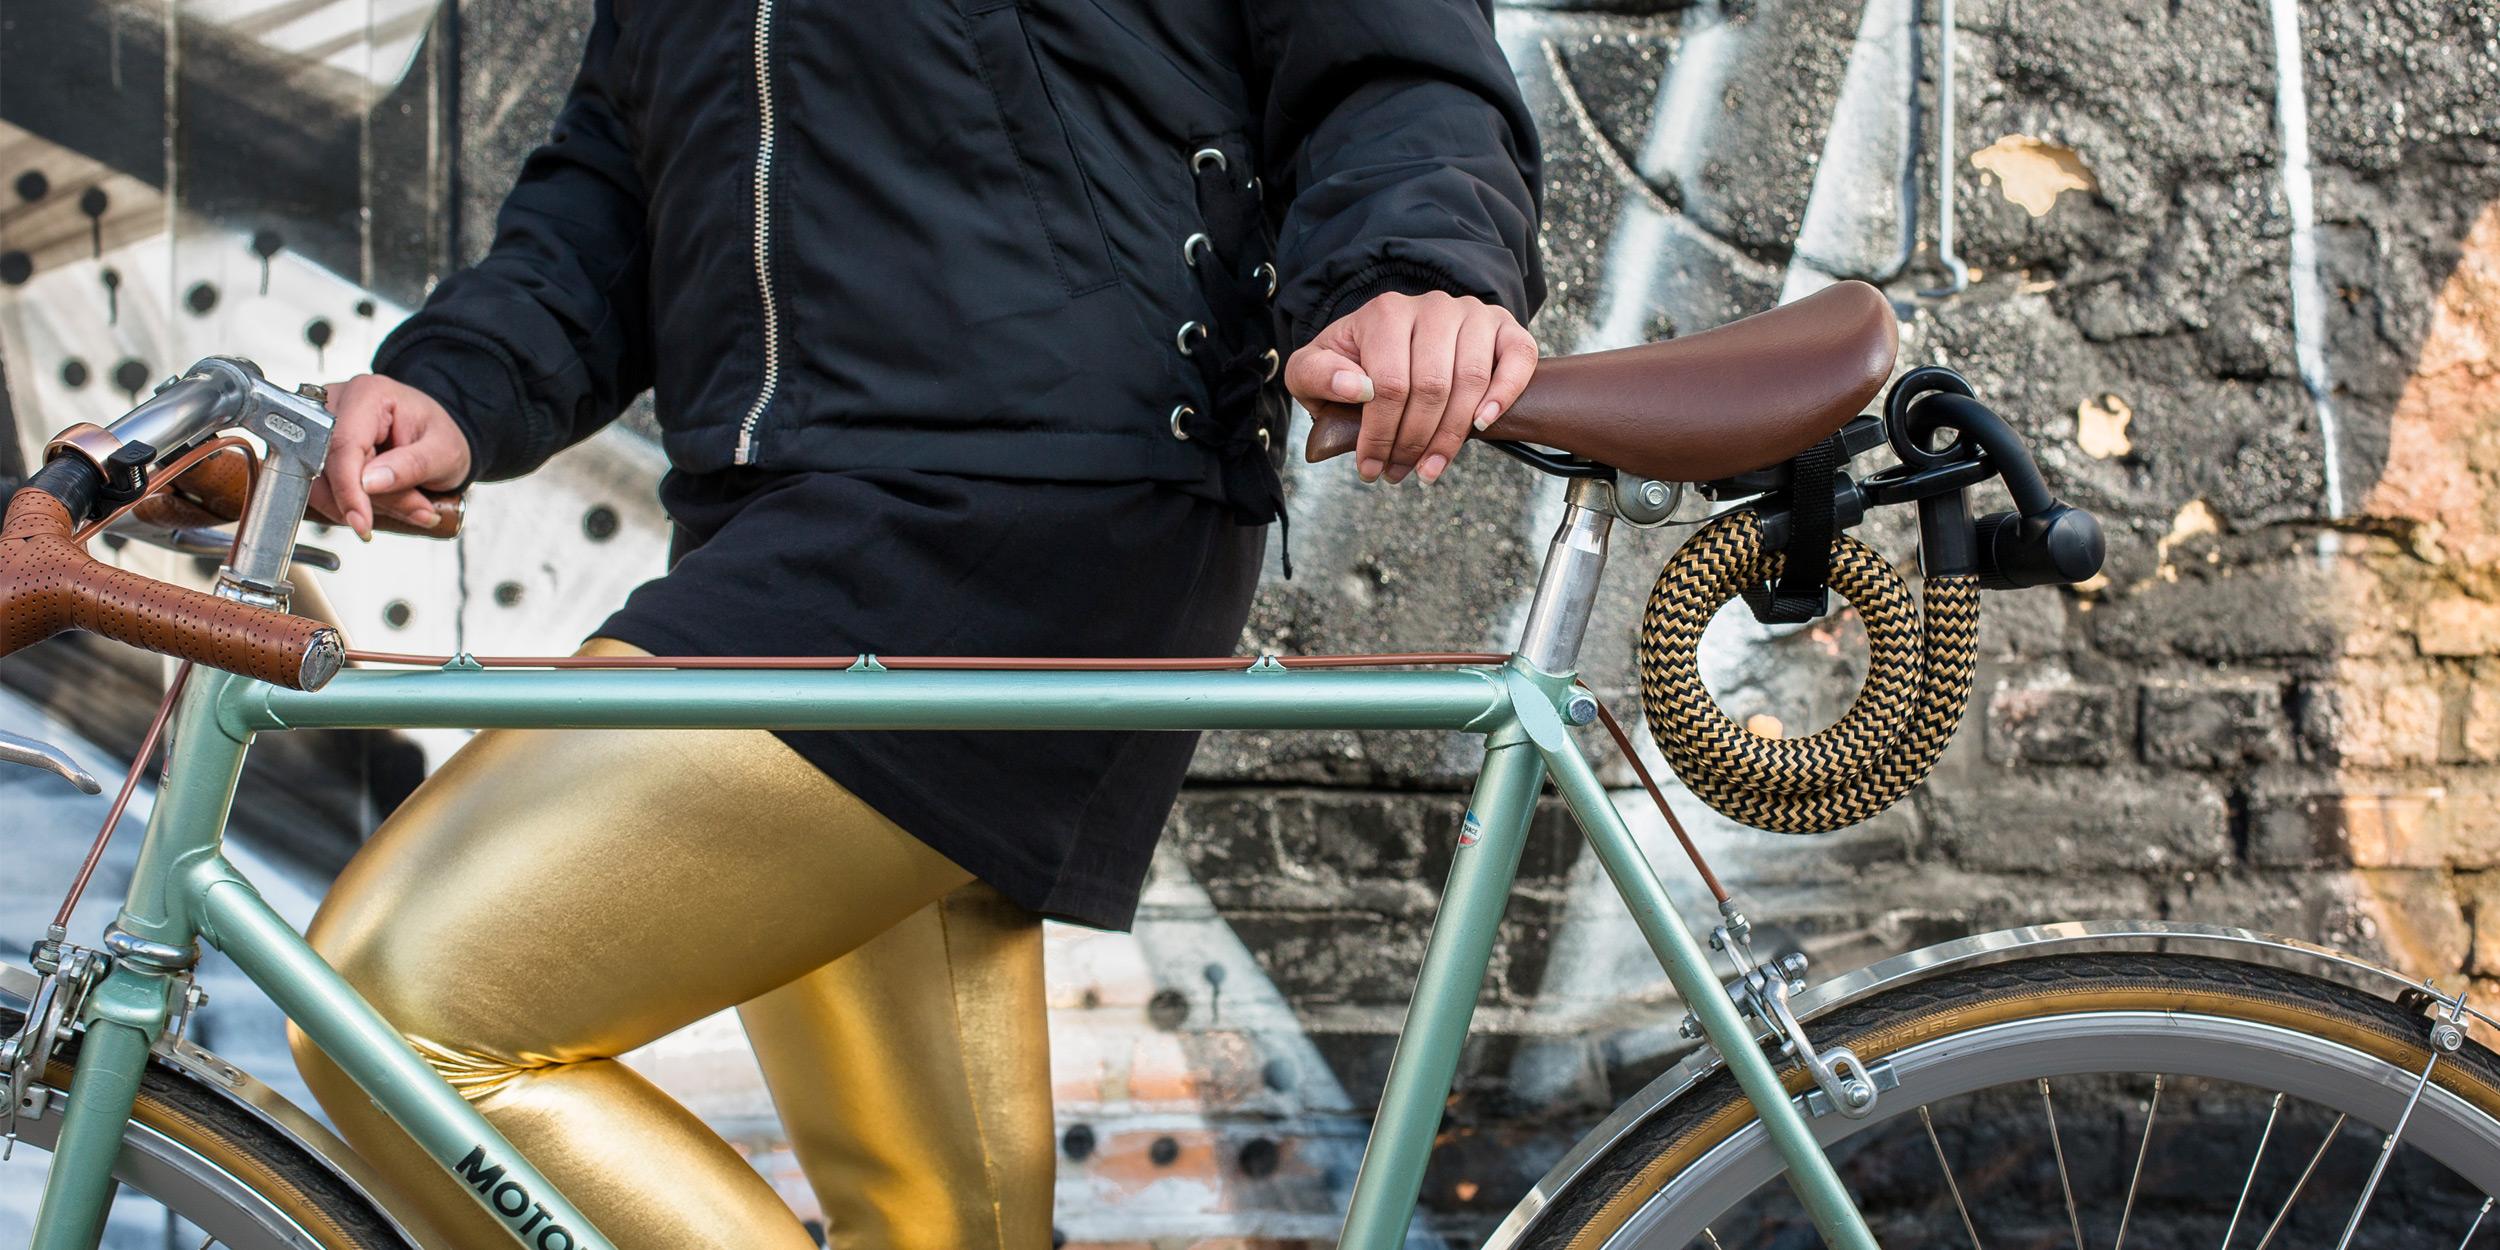 das neue fahrradschloss aus high-tech textil